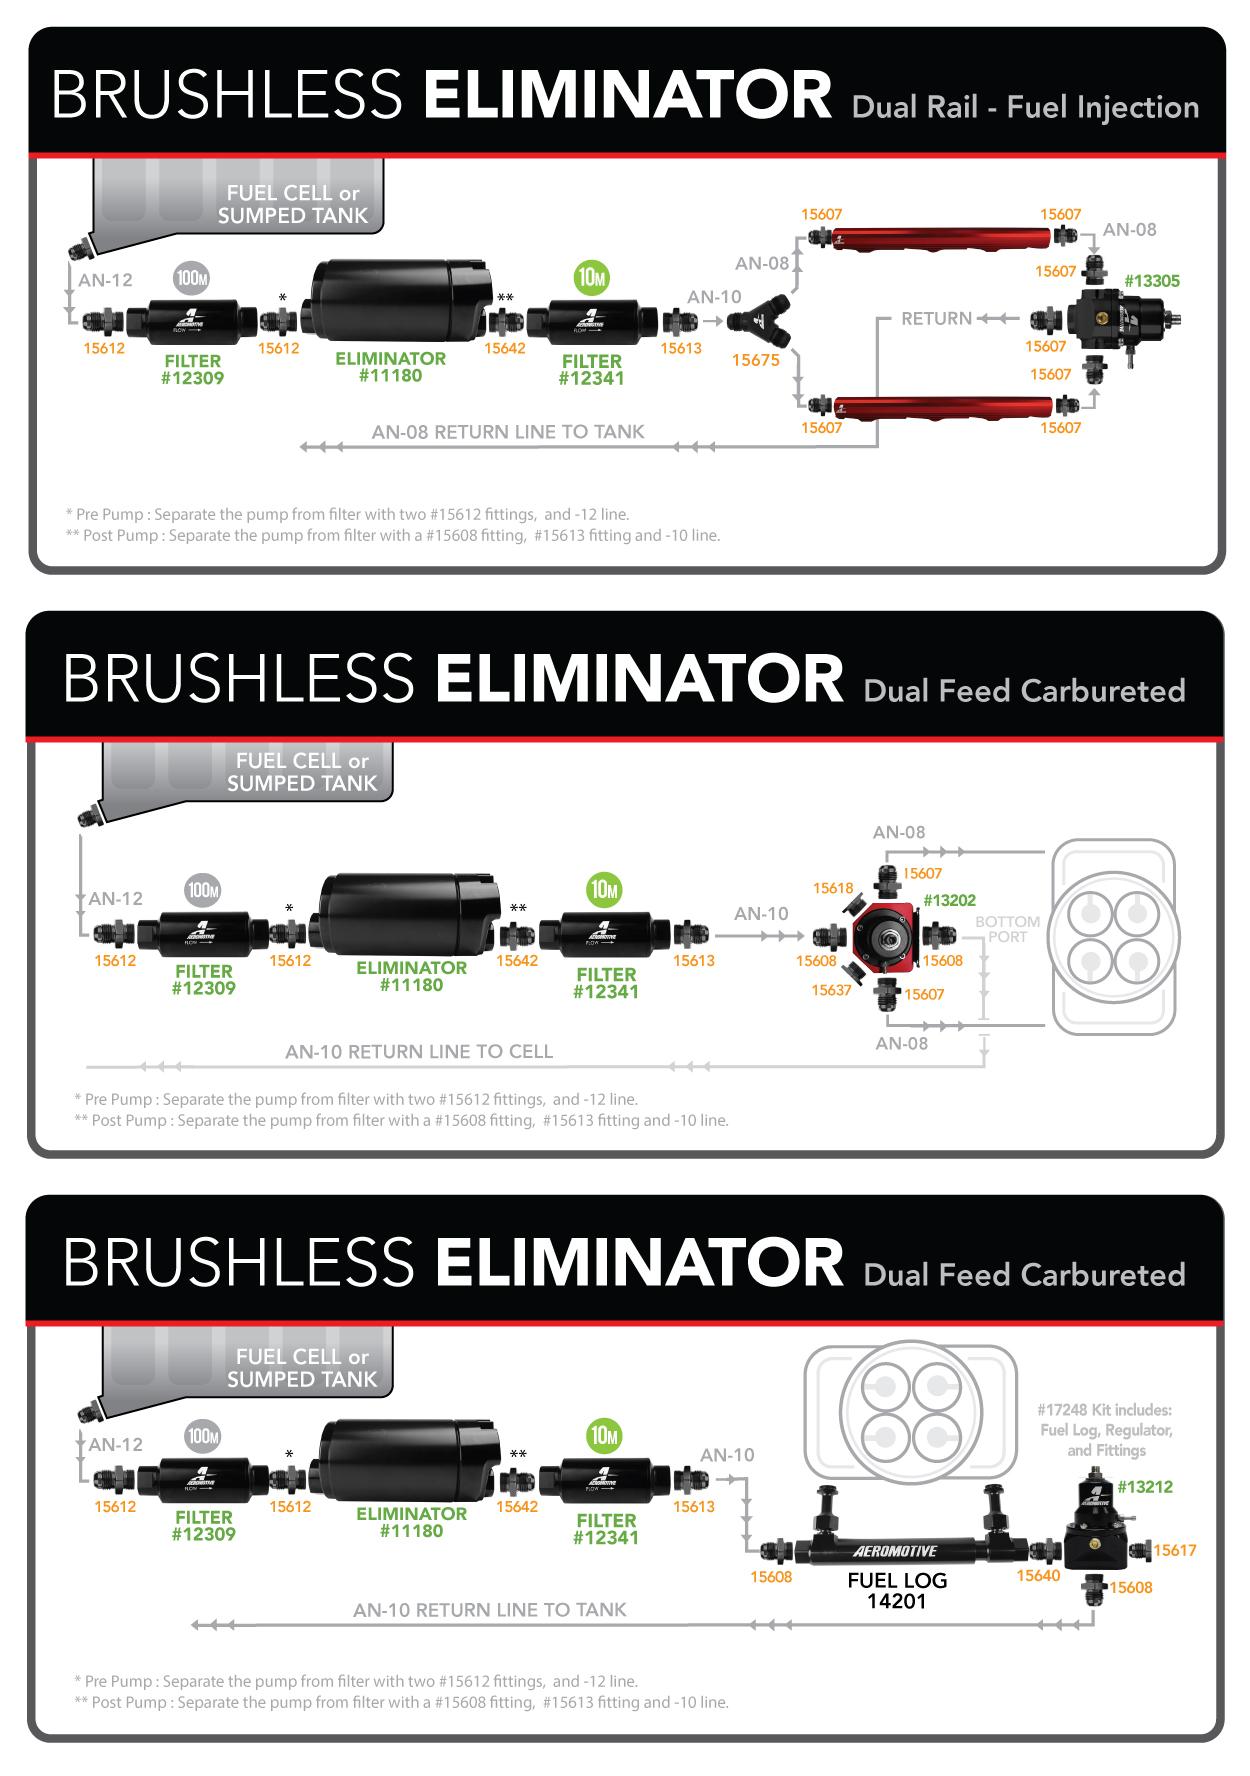 Brushless Eliminator Signature Pump Aeromotive Inc Gm Fuel Pressure Diagram